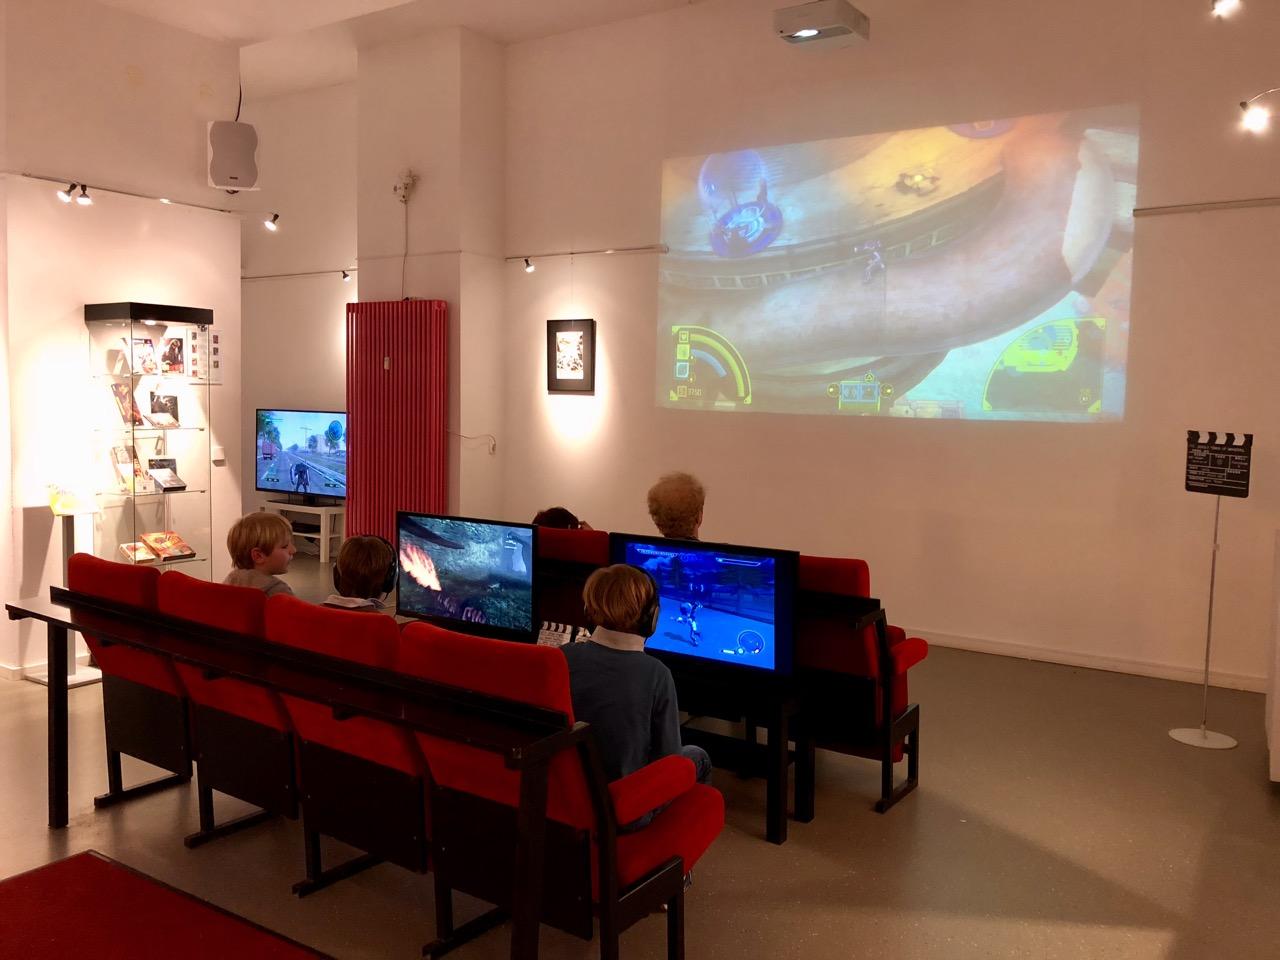 Spielen wie im Kino: dank Beamer und großen Bildschirmen konnten die Besucher leichter in die Spielerfahrung eintauchen. (Bild: André Eymann)